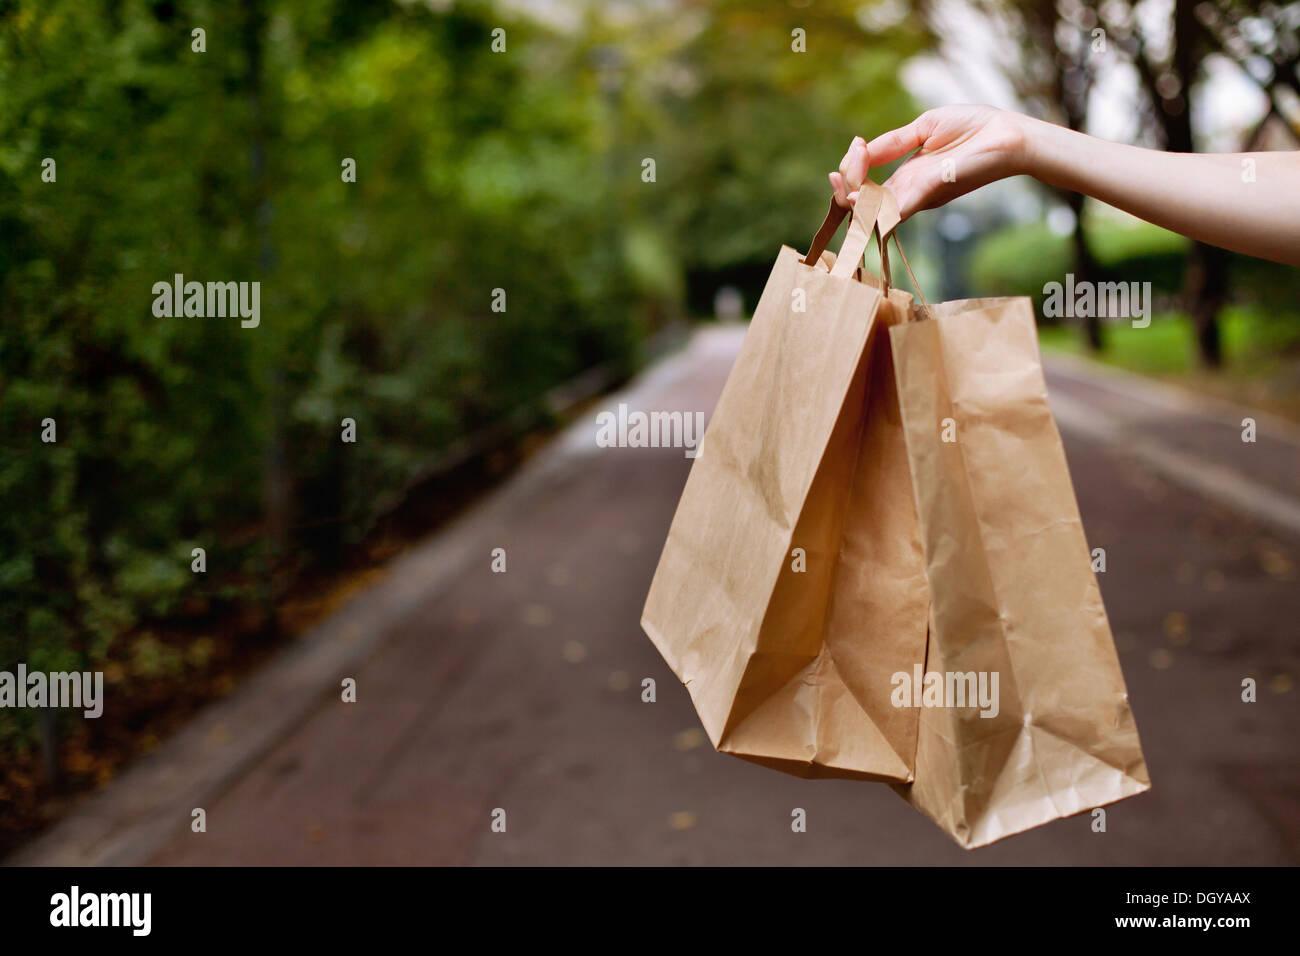 Le borse della spesa in mano Immagini Stock